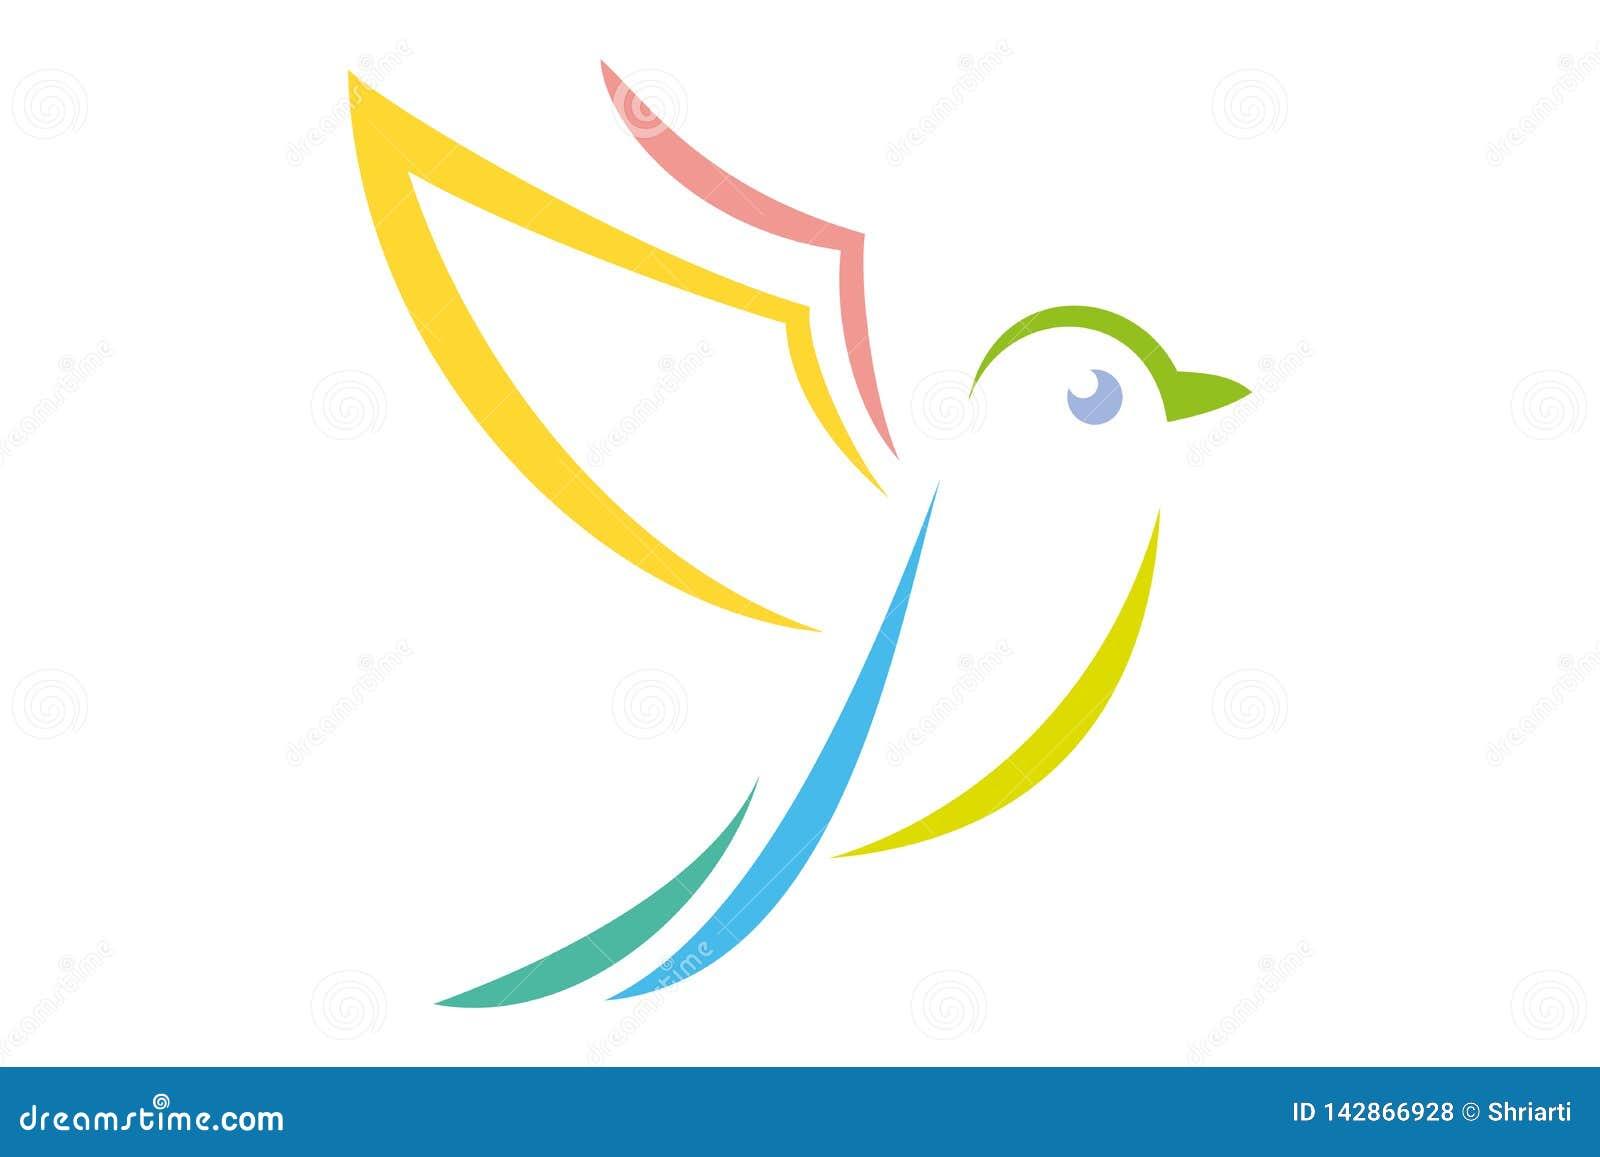 Πετώντας απομονωμένο χρωματισμένο ουράνιο τόξο πουλί στο άσπρο υπόβαθρο